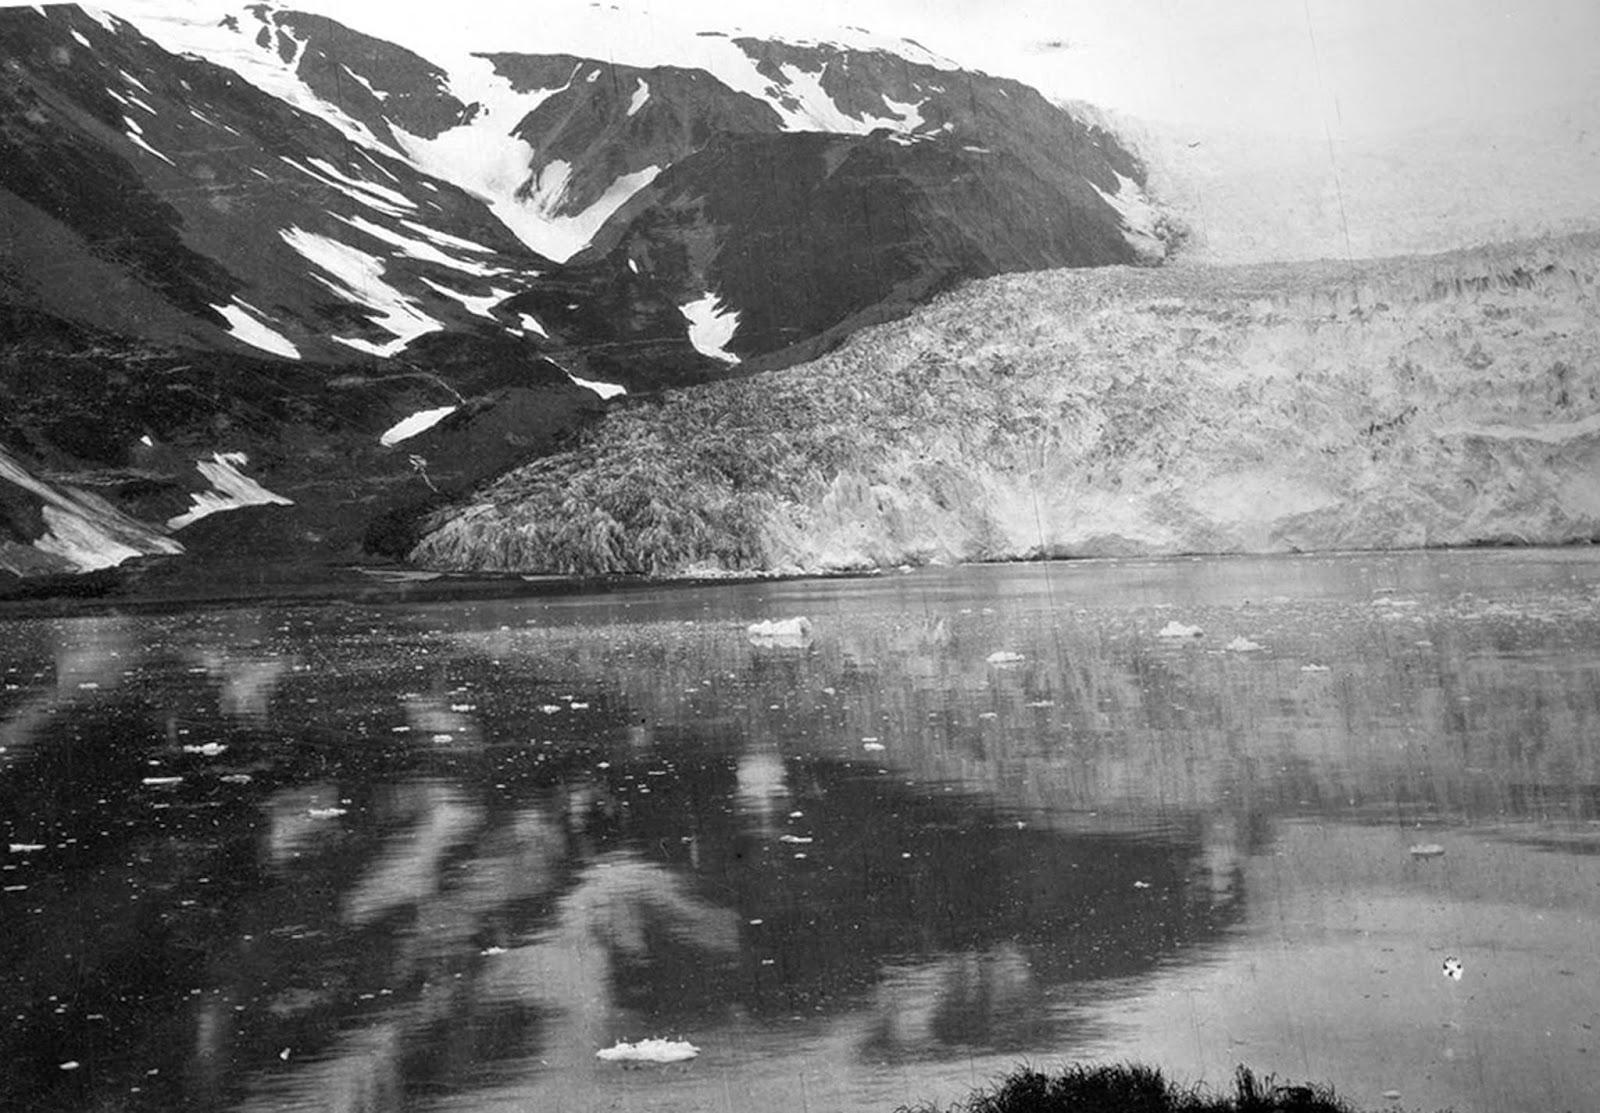 15_aialik_glacier_1909.jpg